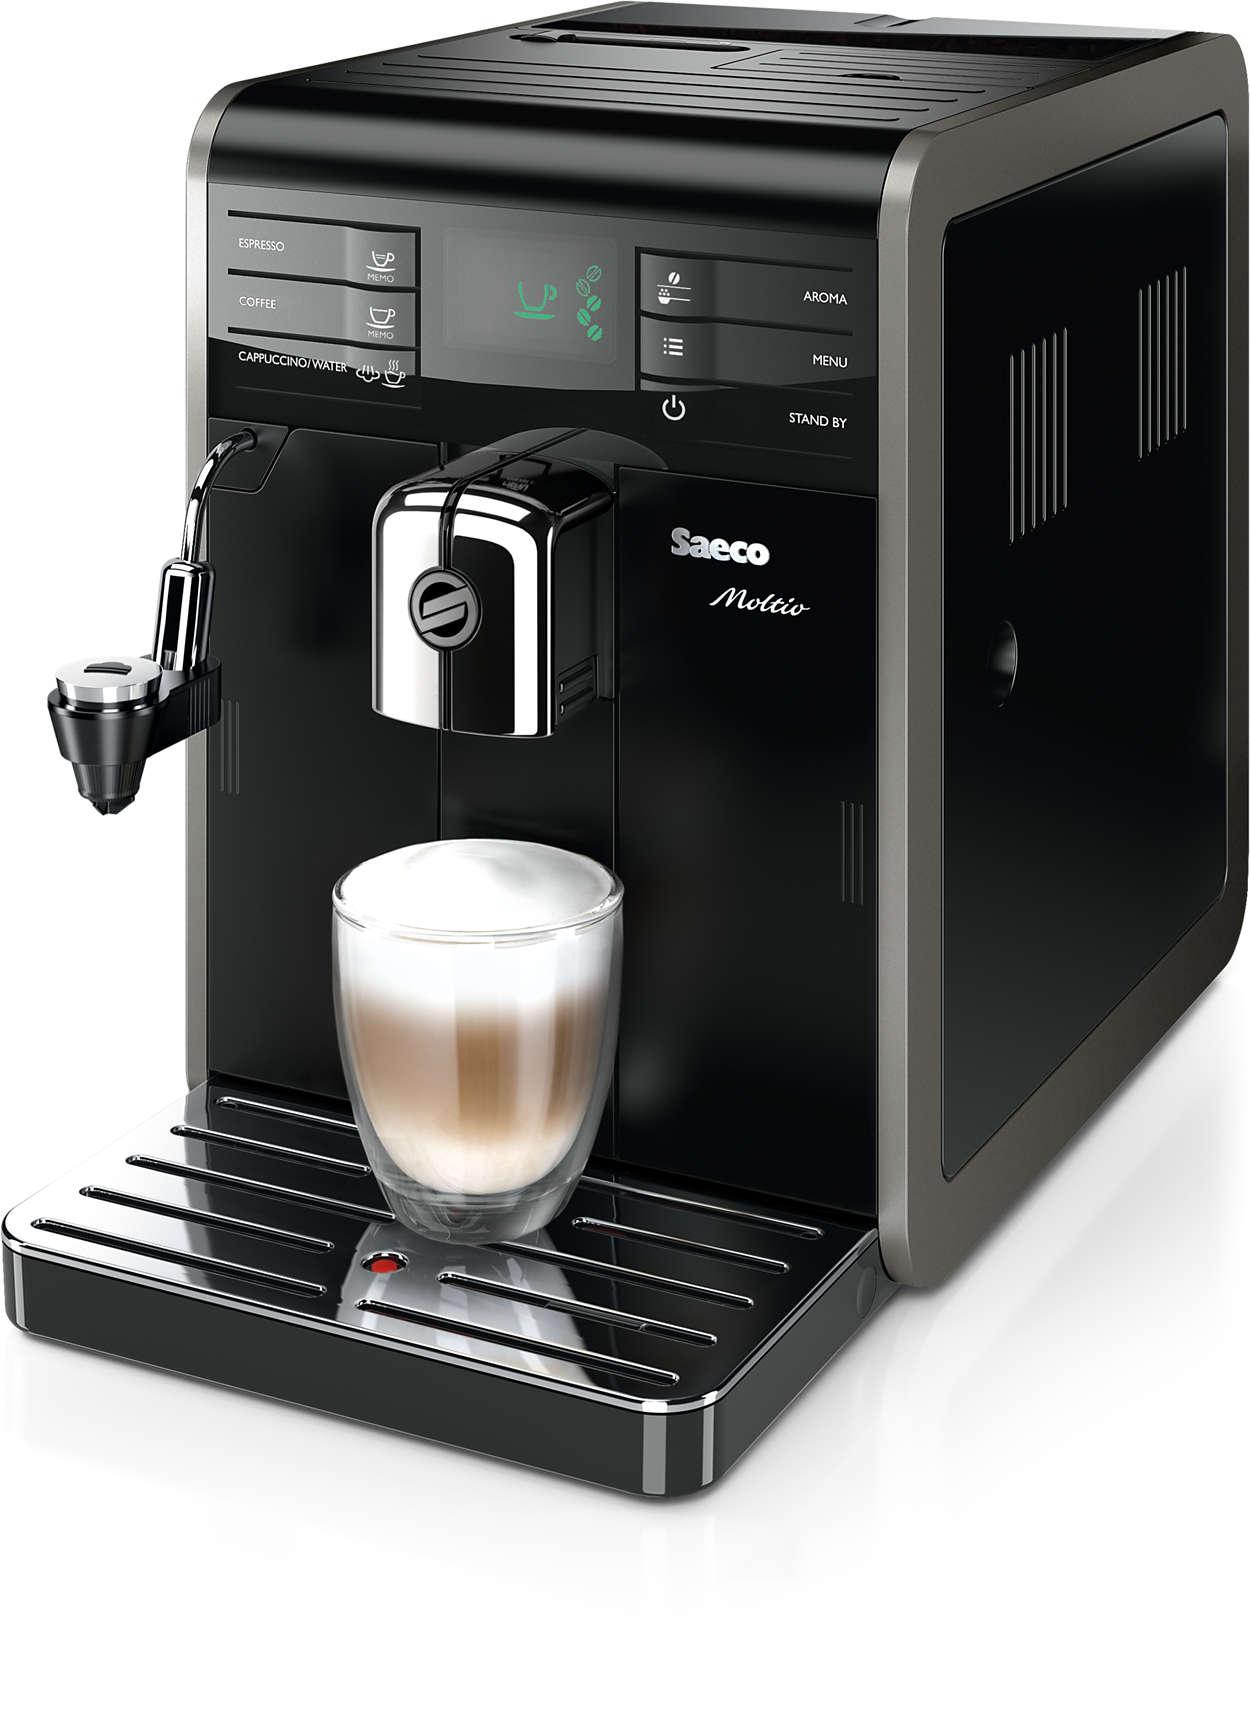 Hvert øyeblikk fortjener sin egen kaffesmak.